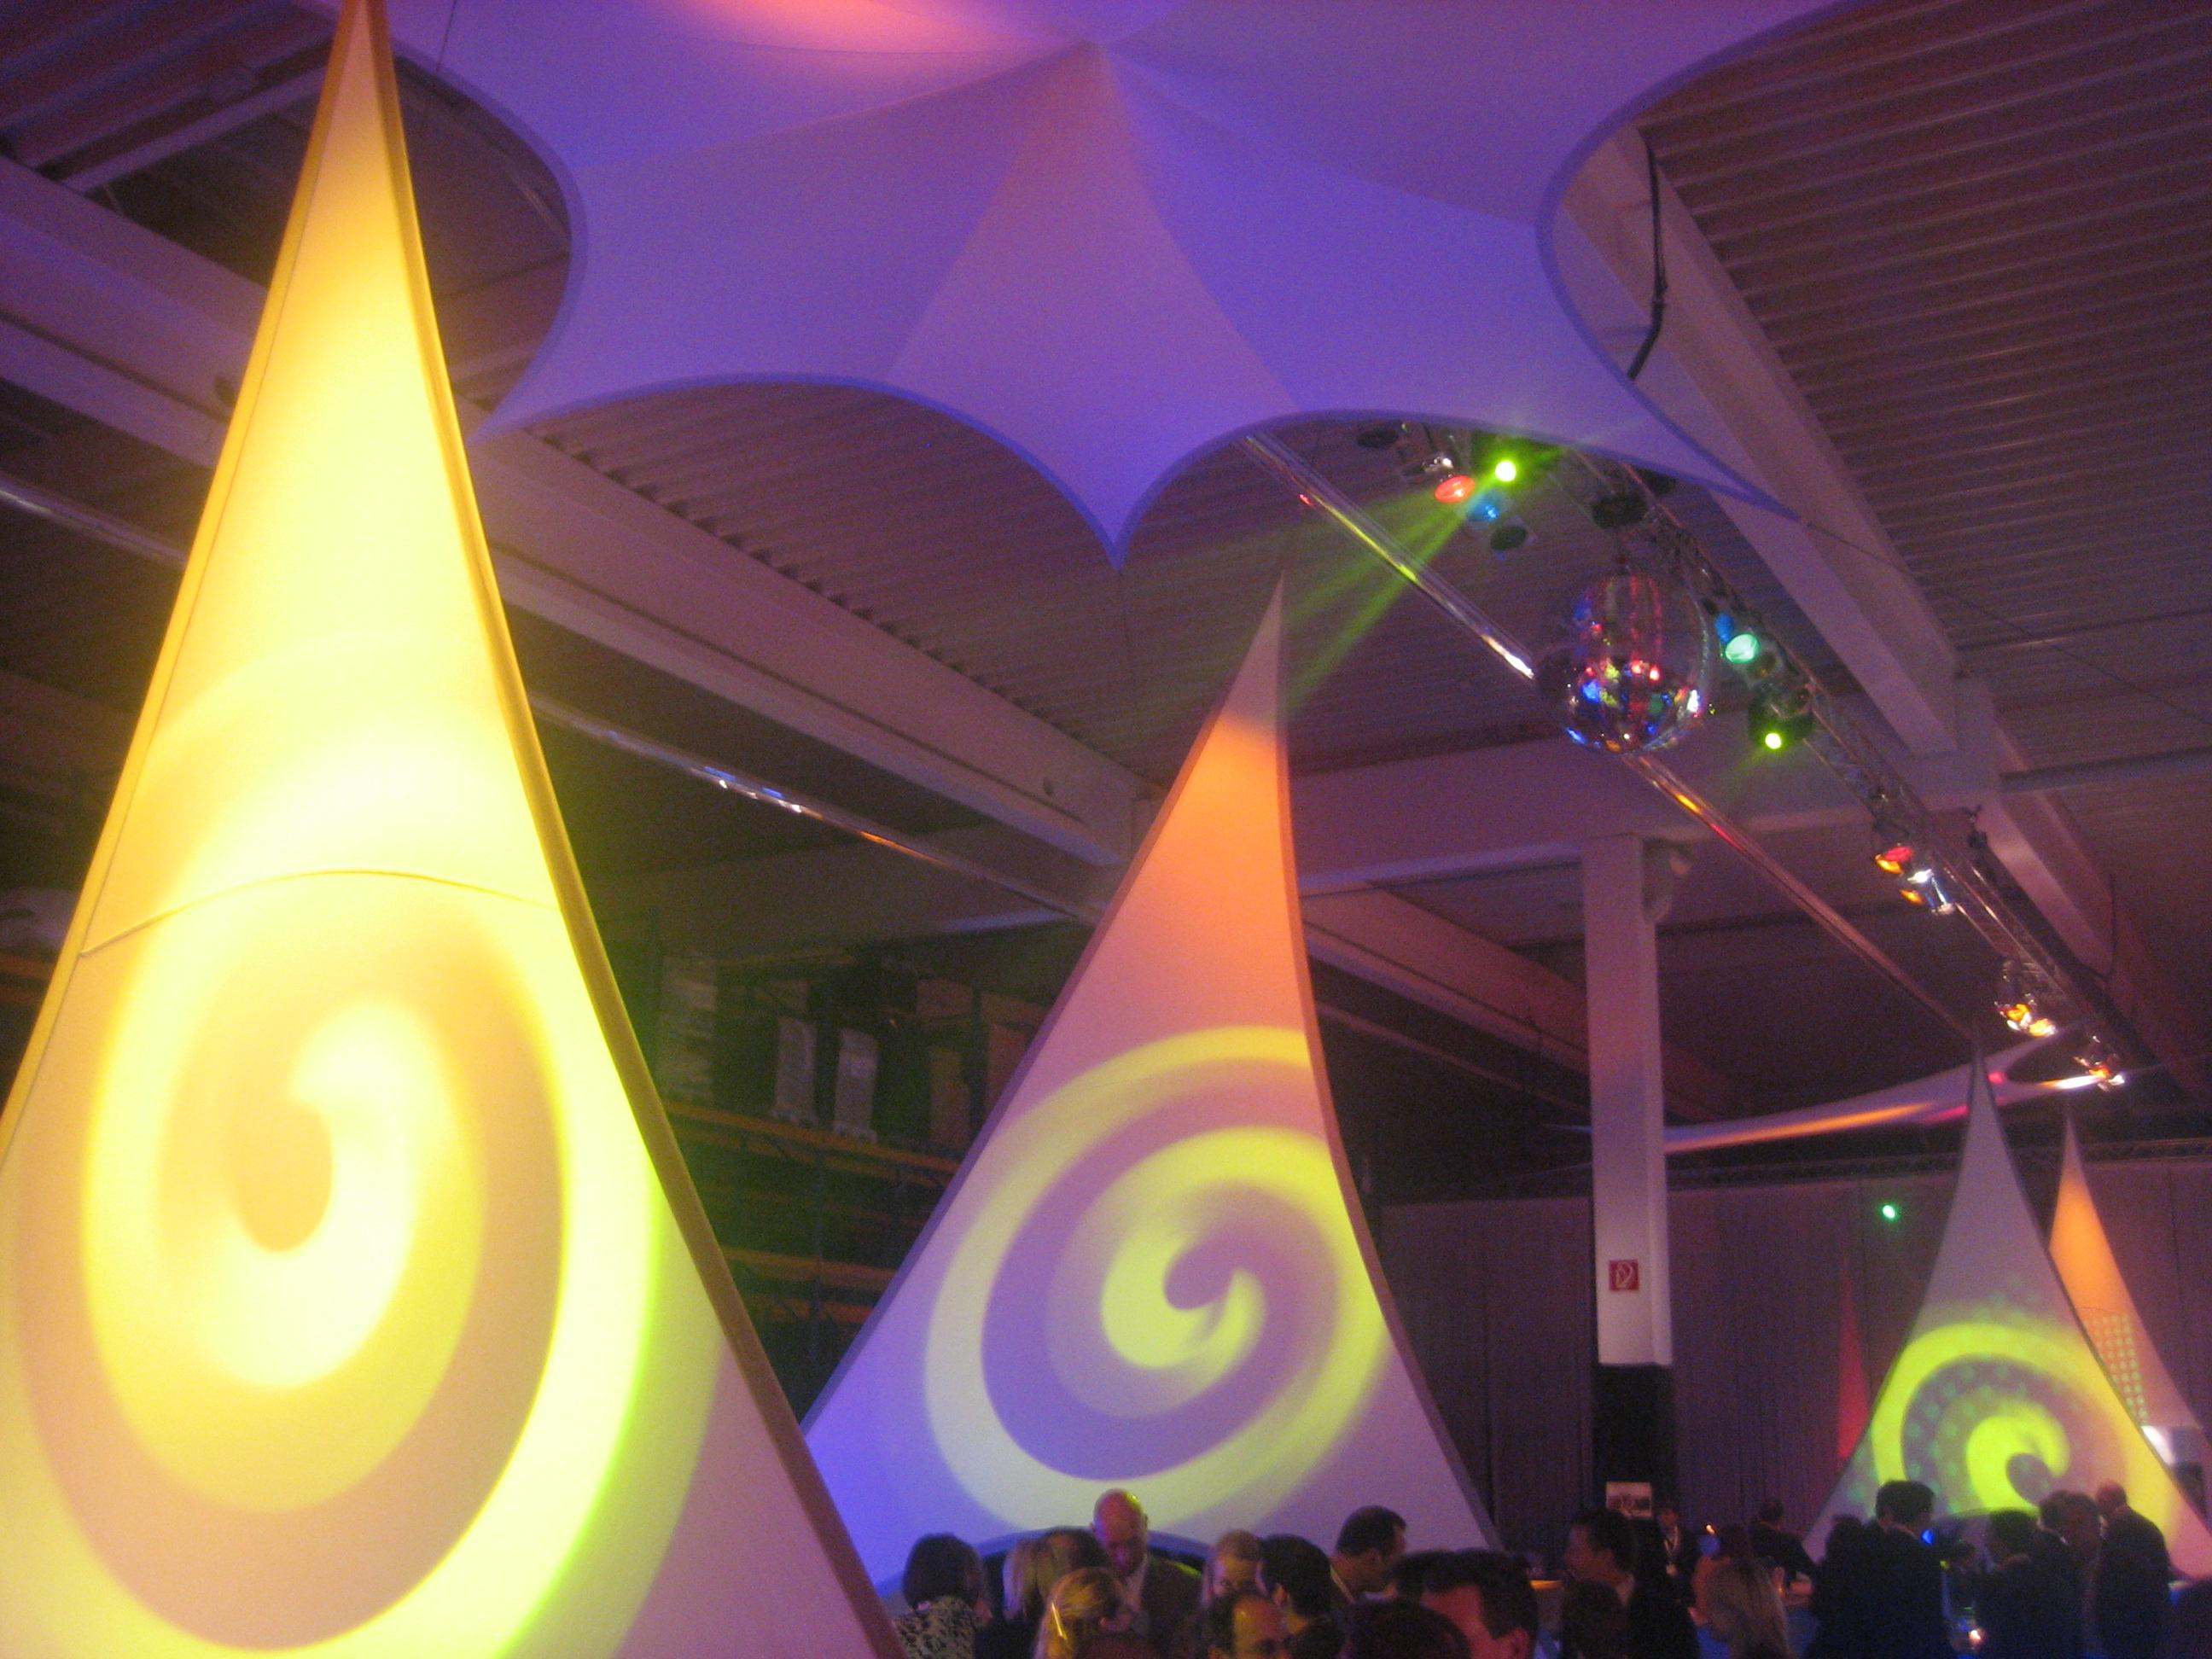 Projektionsfläche aus Stretchgewebe Polyamid, Elastan - 3Punkt-Stretchsegel - Indoor